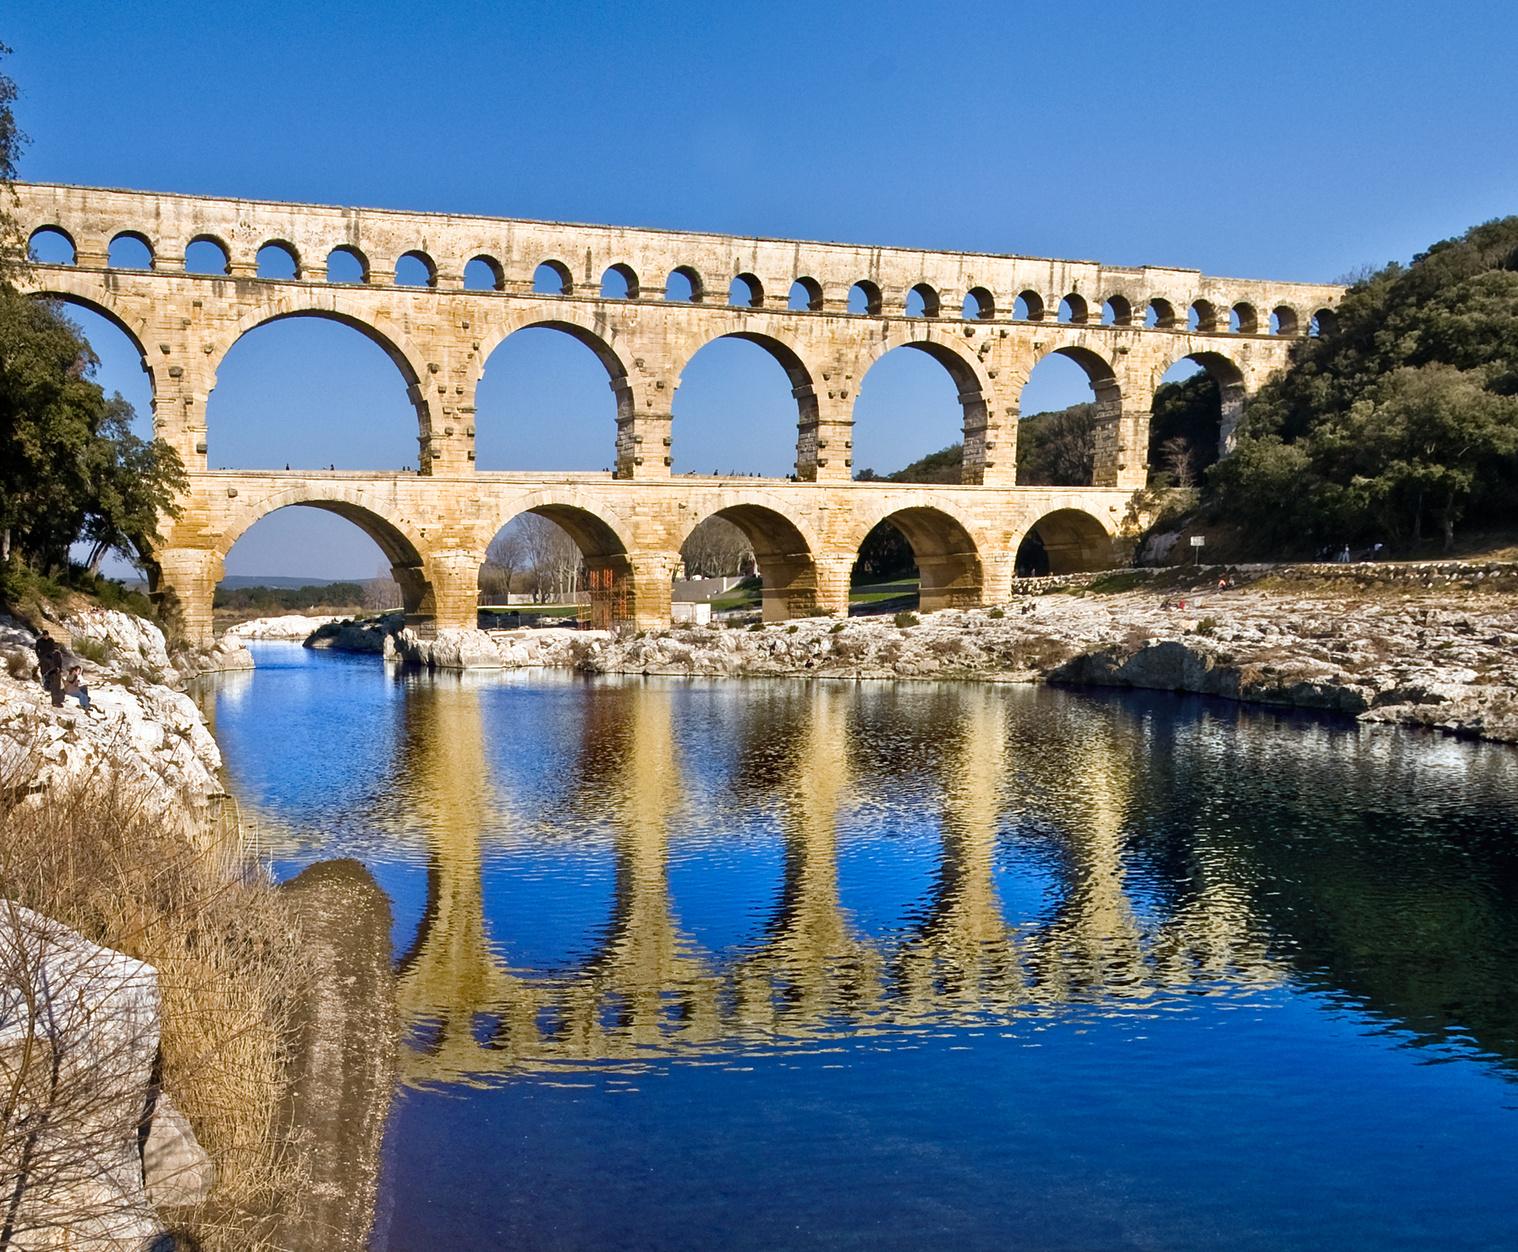 Pont du Gard visite Restaurant hotel Logis de France - L'esquielle - Saint Genies de Malgloires